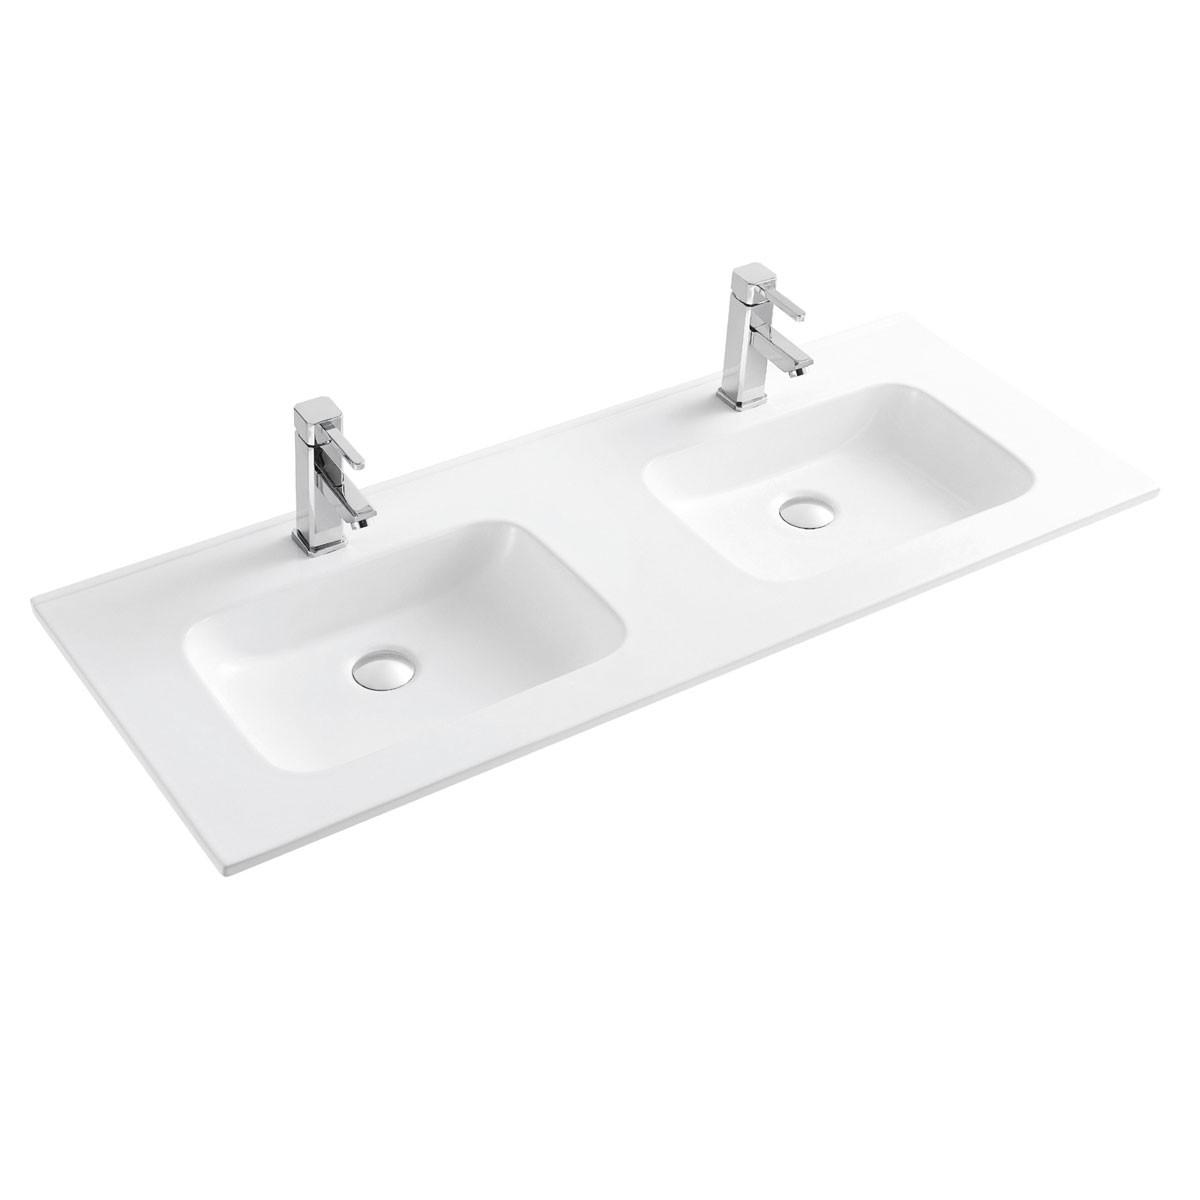 Double Lavabo Blanc pour Vanité Salle de Bain en Céramique (CL-4108D-120)